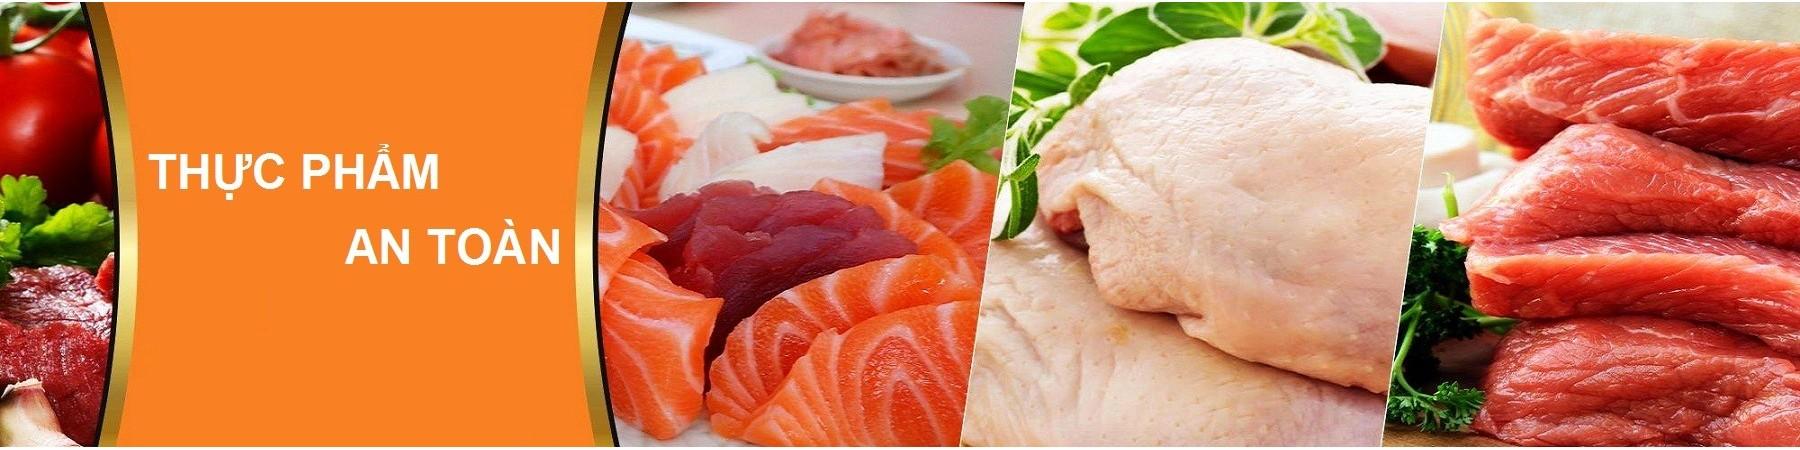 Thịt,Hải sản sạch tươi sống,đông lạnh nhập khẩu,vệ sinh,an toàn